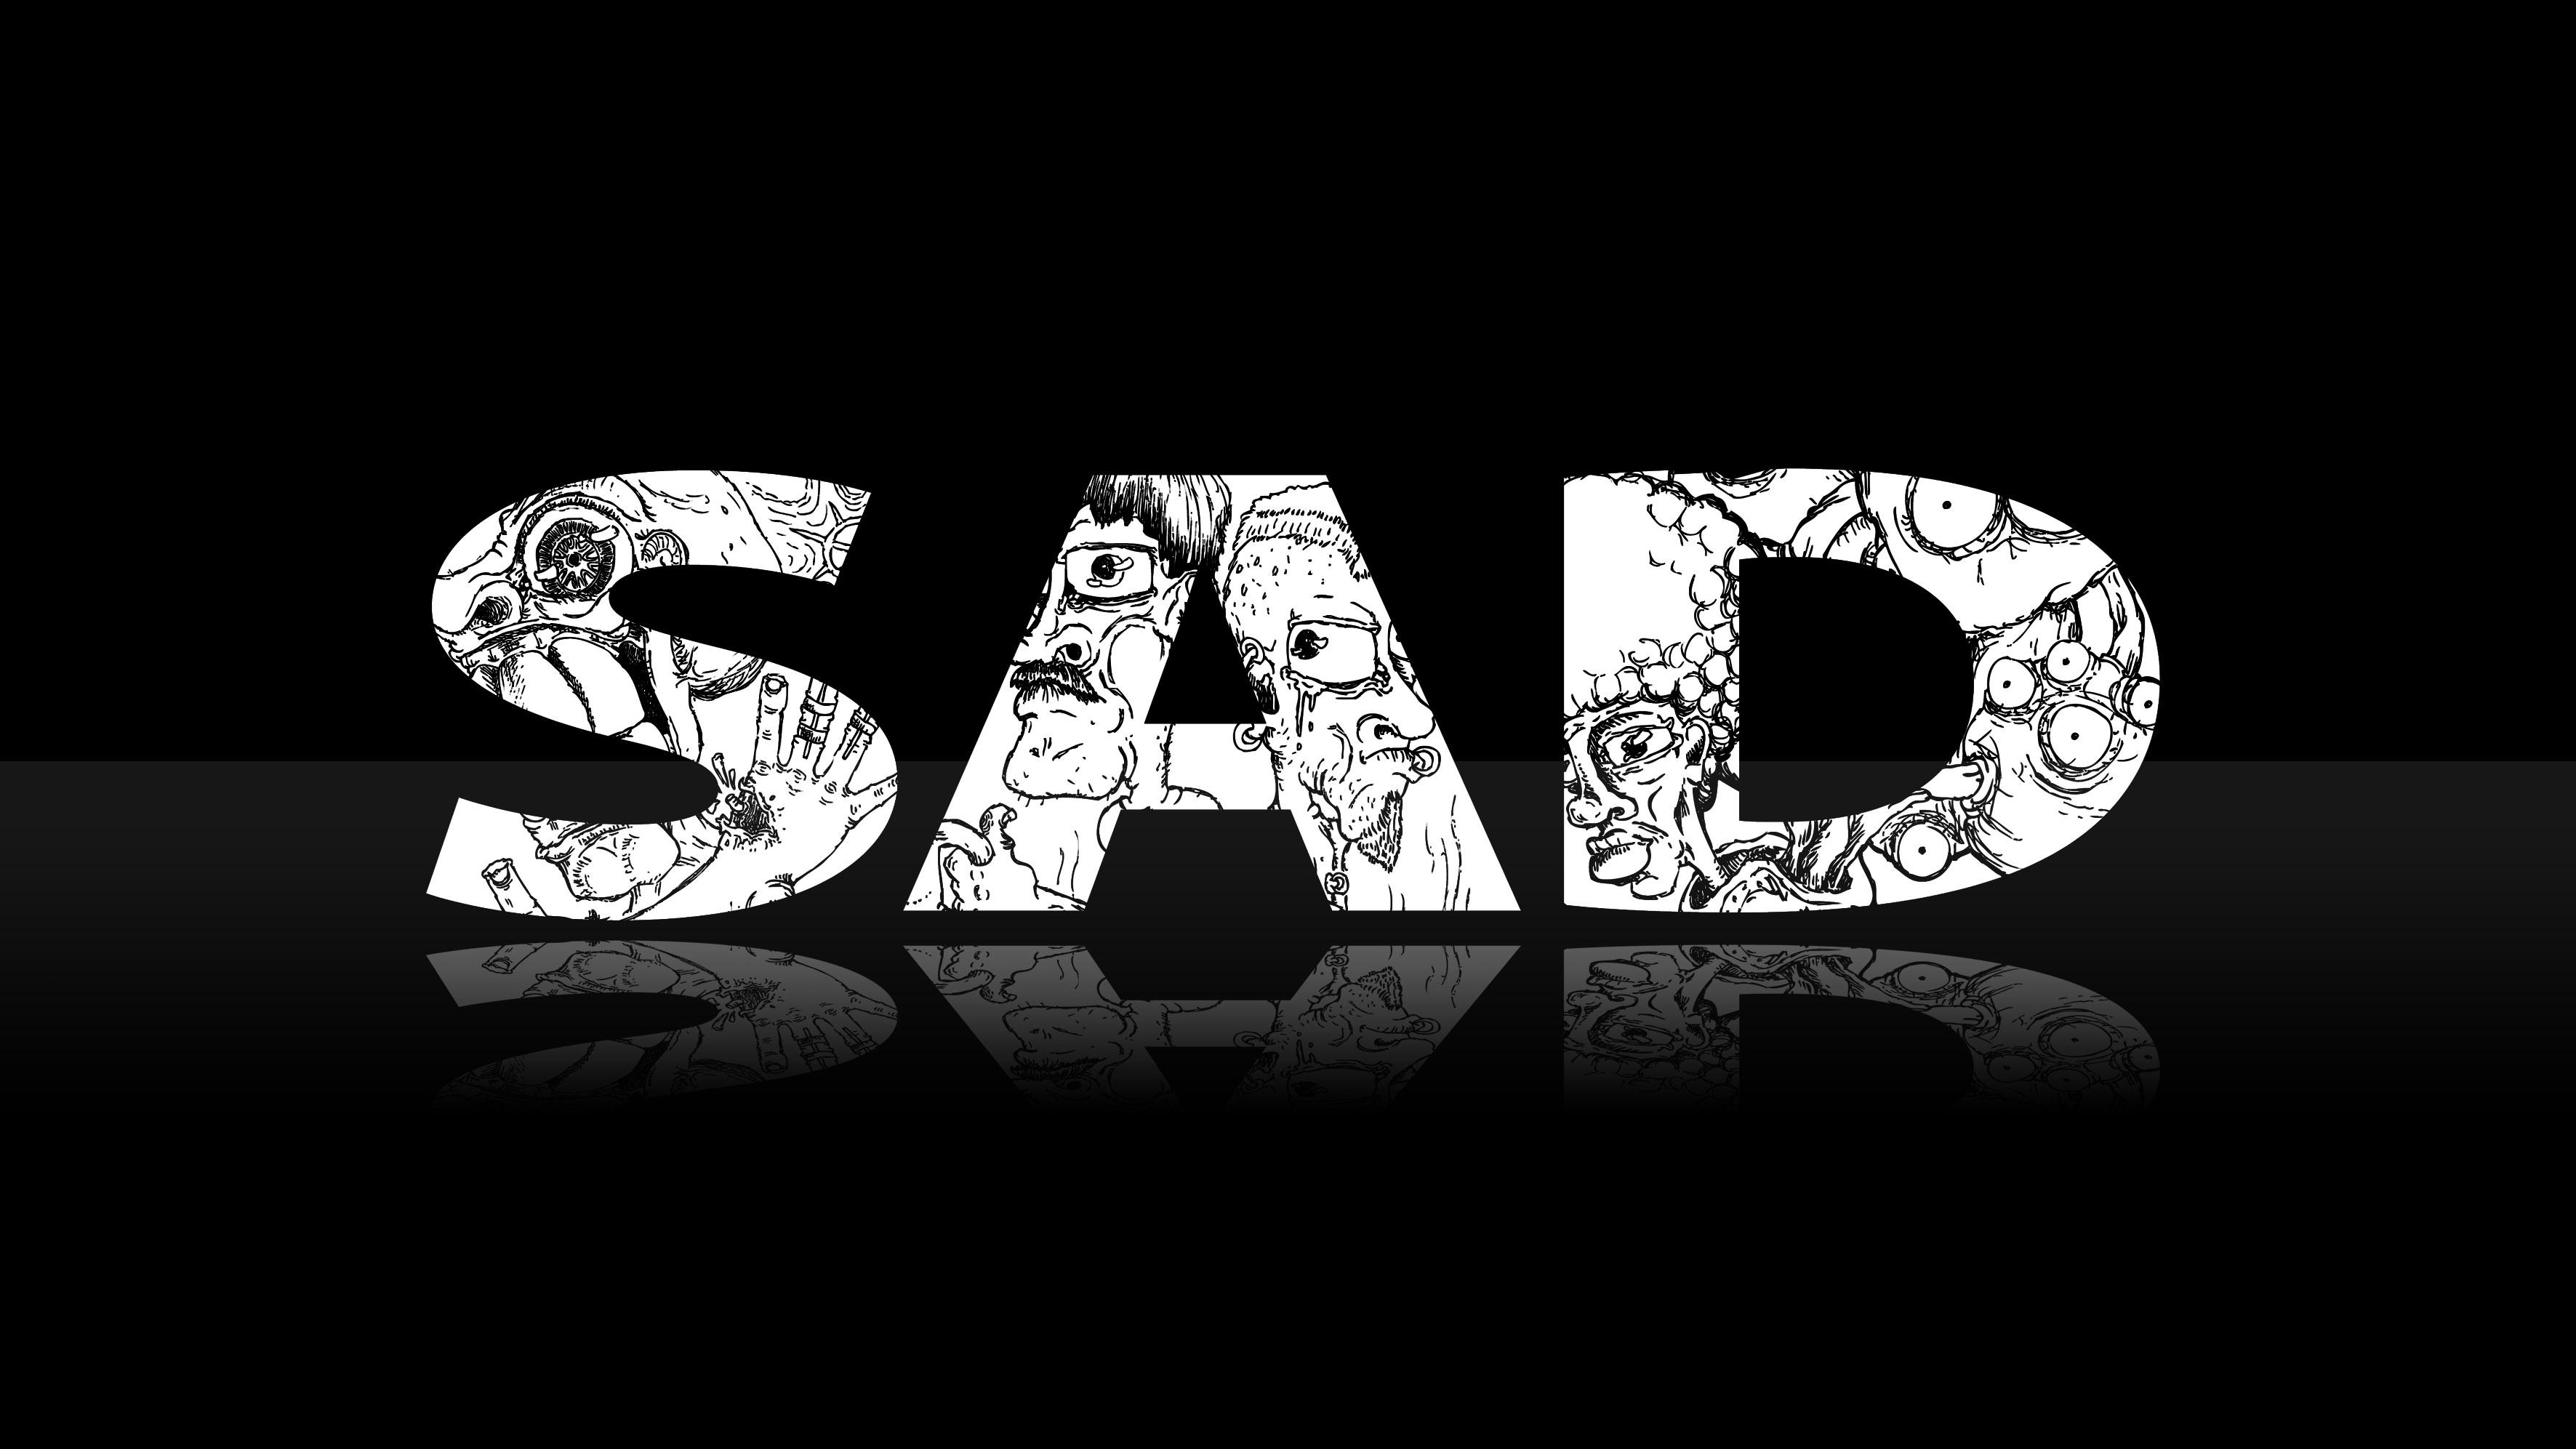 Hình nền chữ về tình yêu buồn